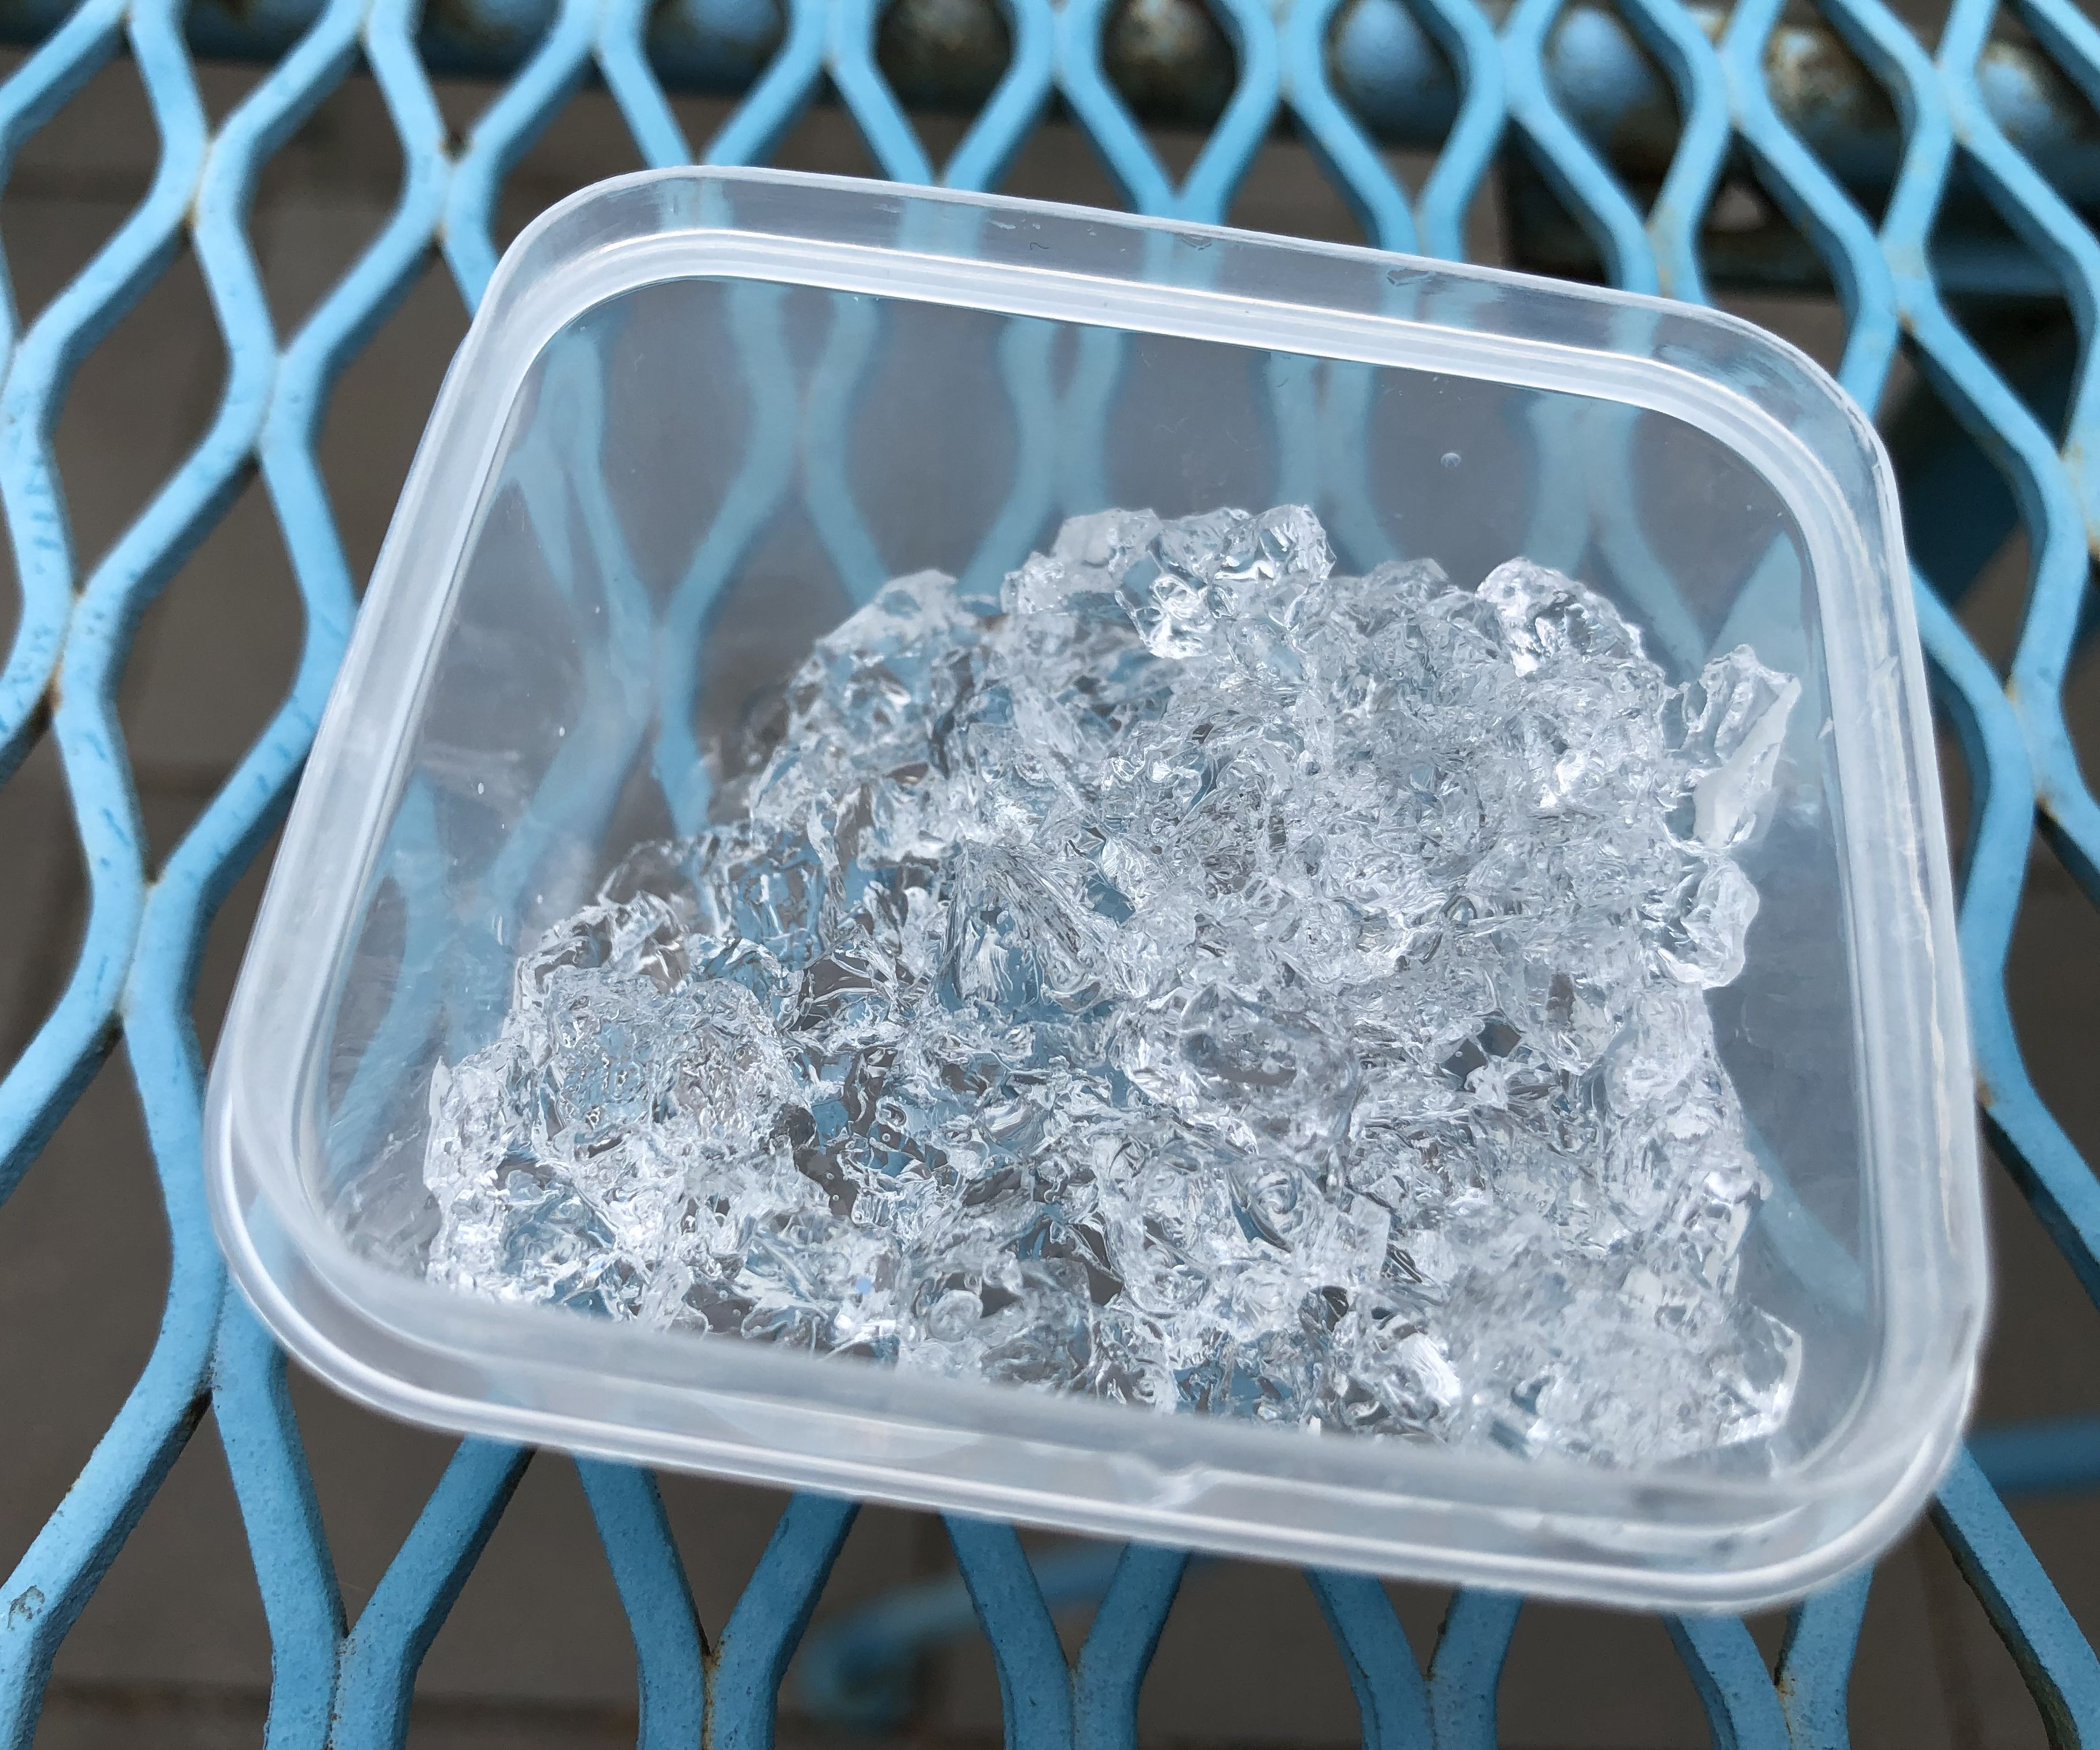 Ice? Scientific Inquiry